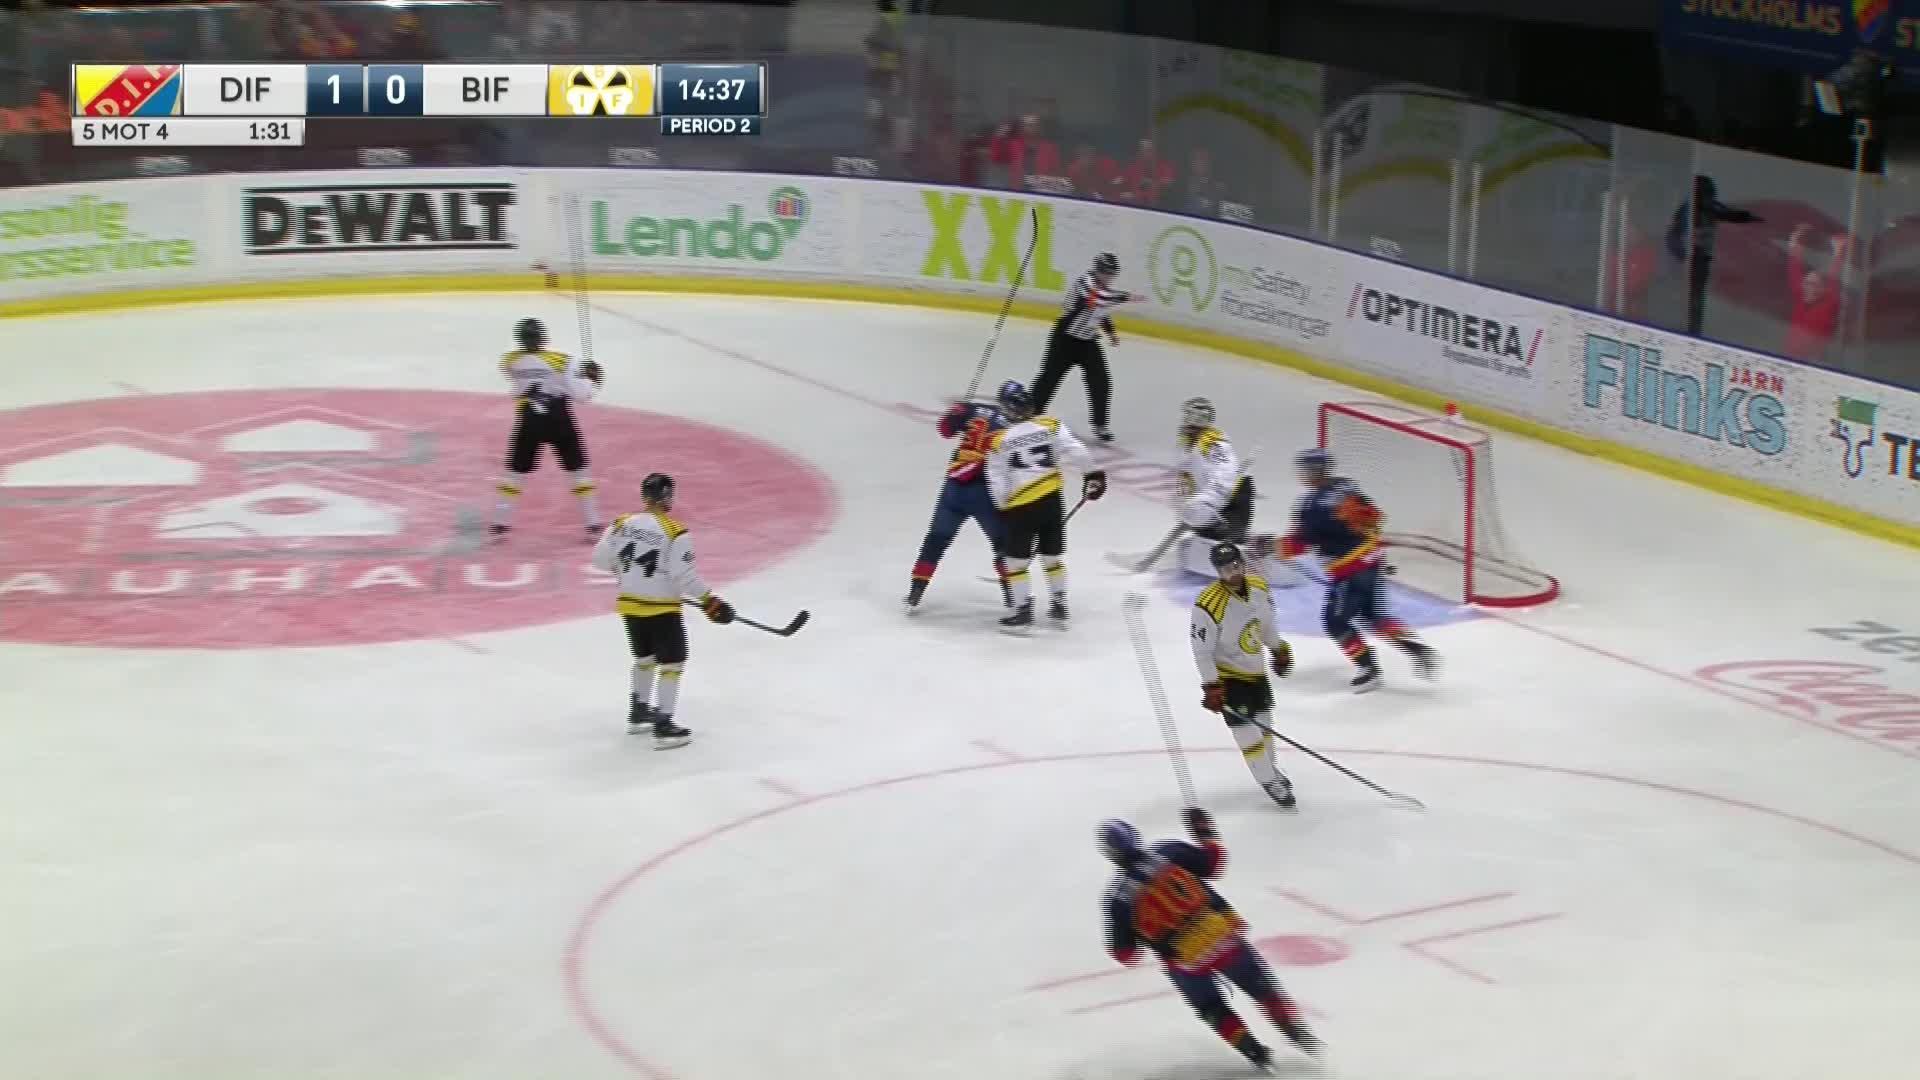 Djurgården Hockey - Brynäs IF 2-0